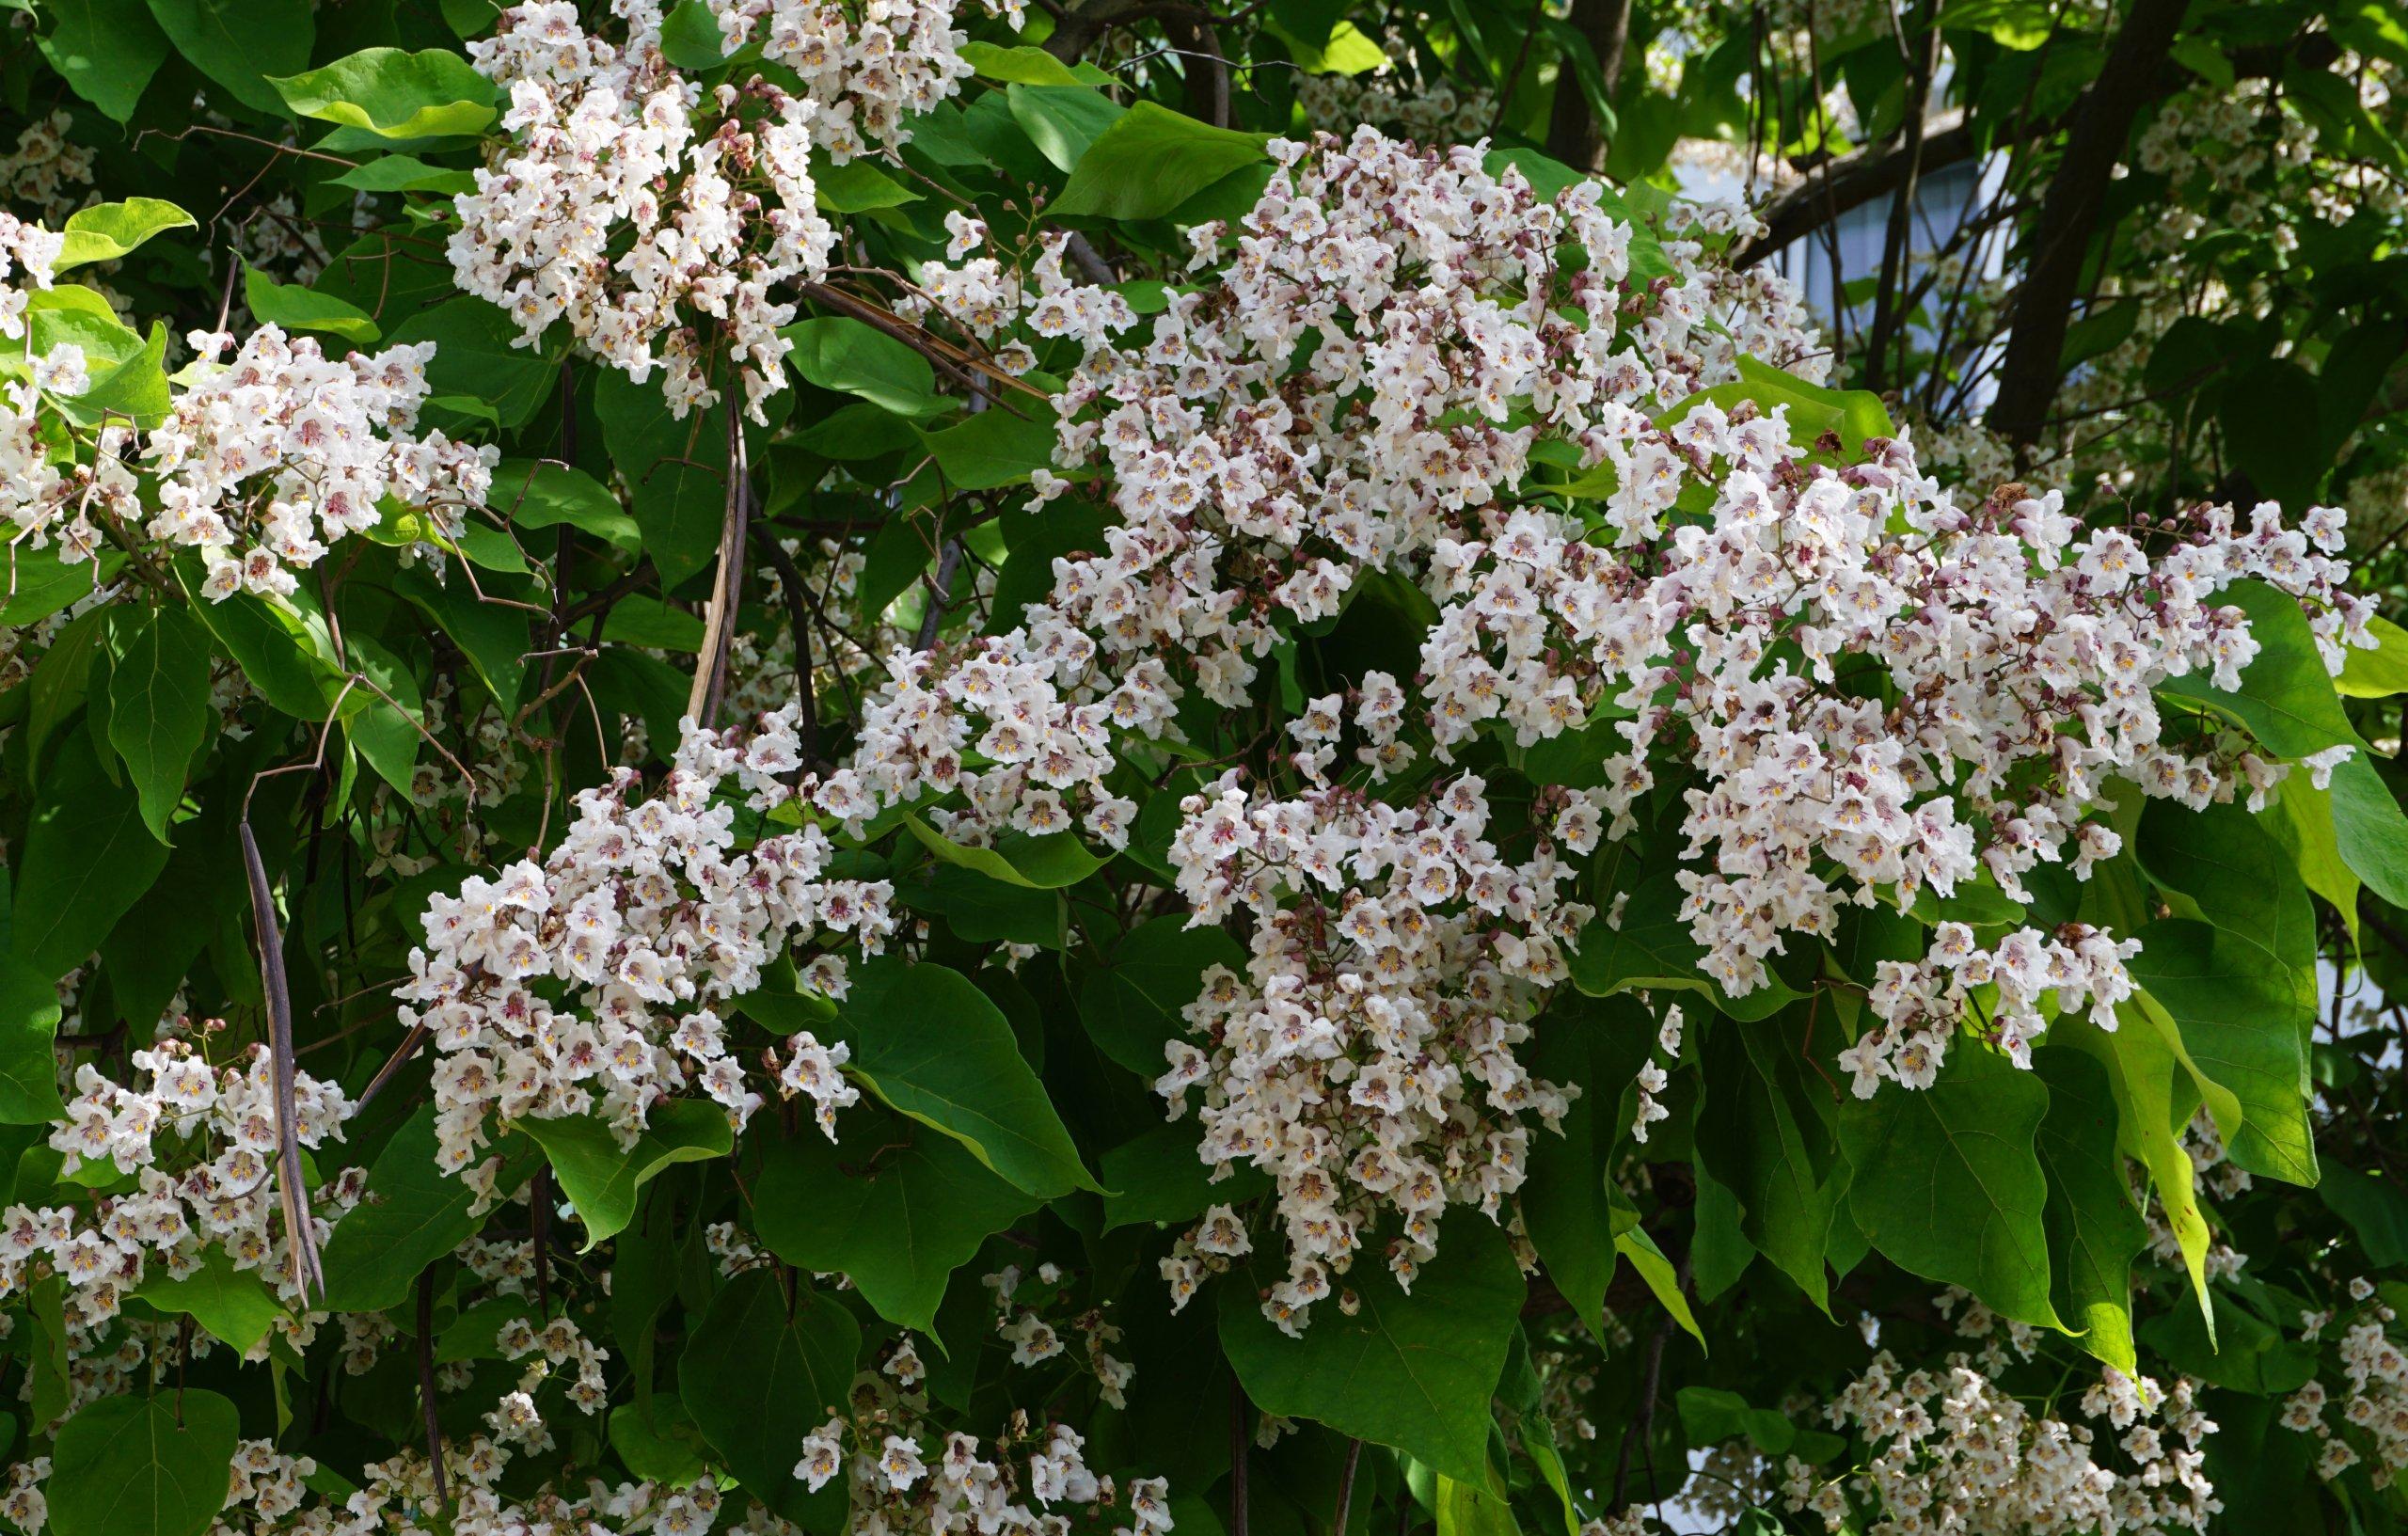 Das Bild zeigt die dicht mit Blüten besetzten Rispen eines Trompetenbaumes an der östlichen Venusstraße im Kosmosviertel.